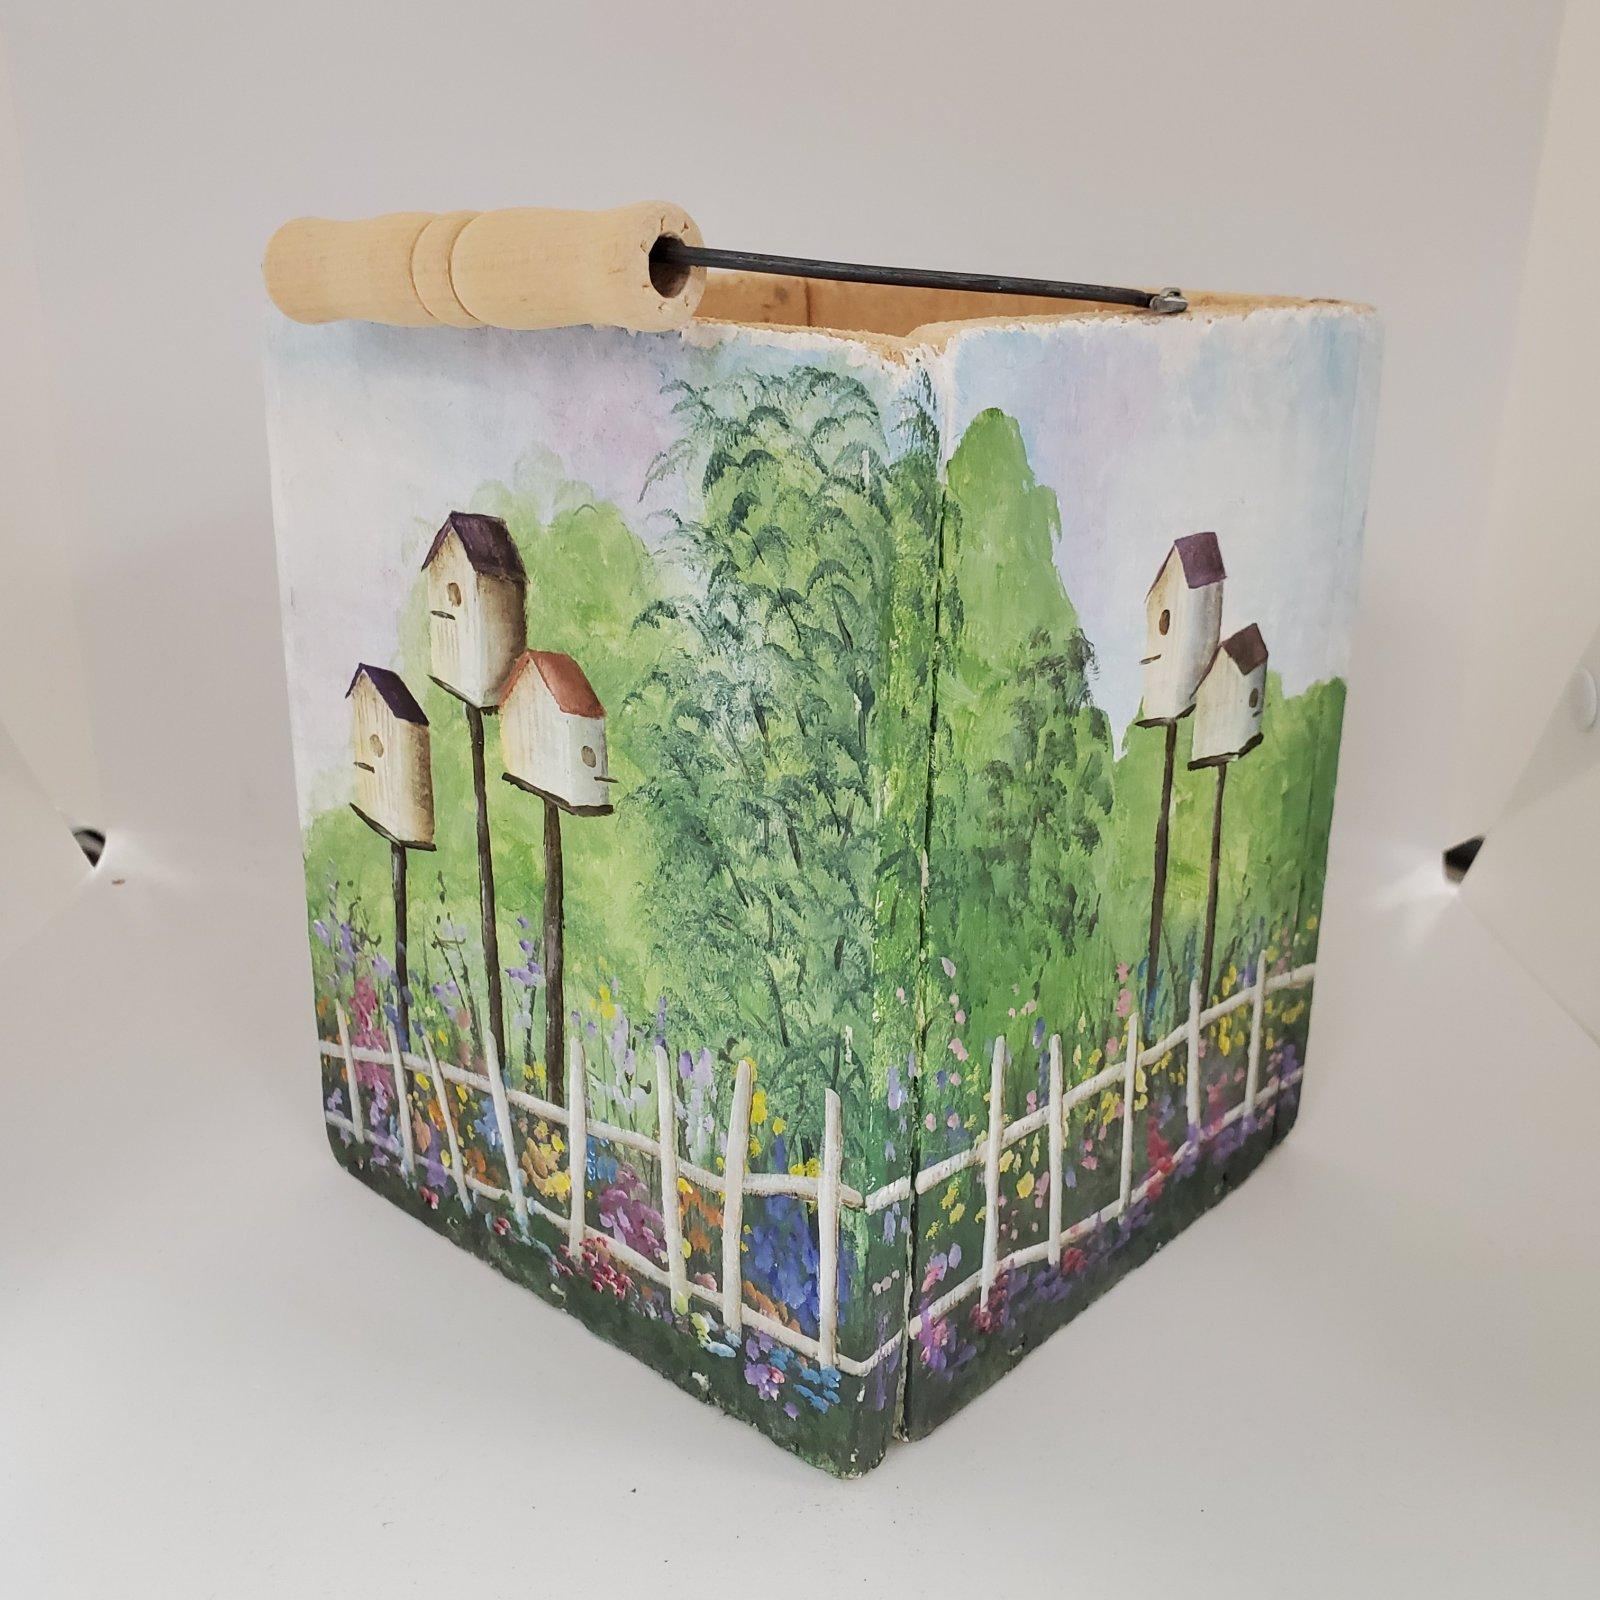 15 -planter box - birdhouses